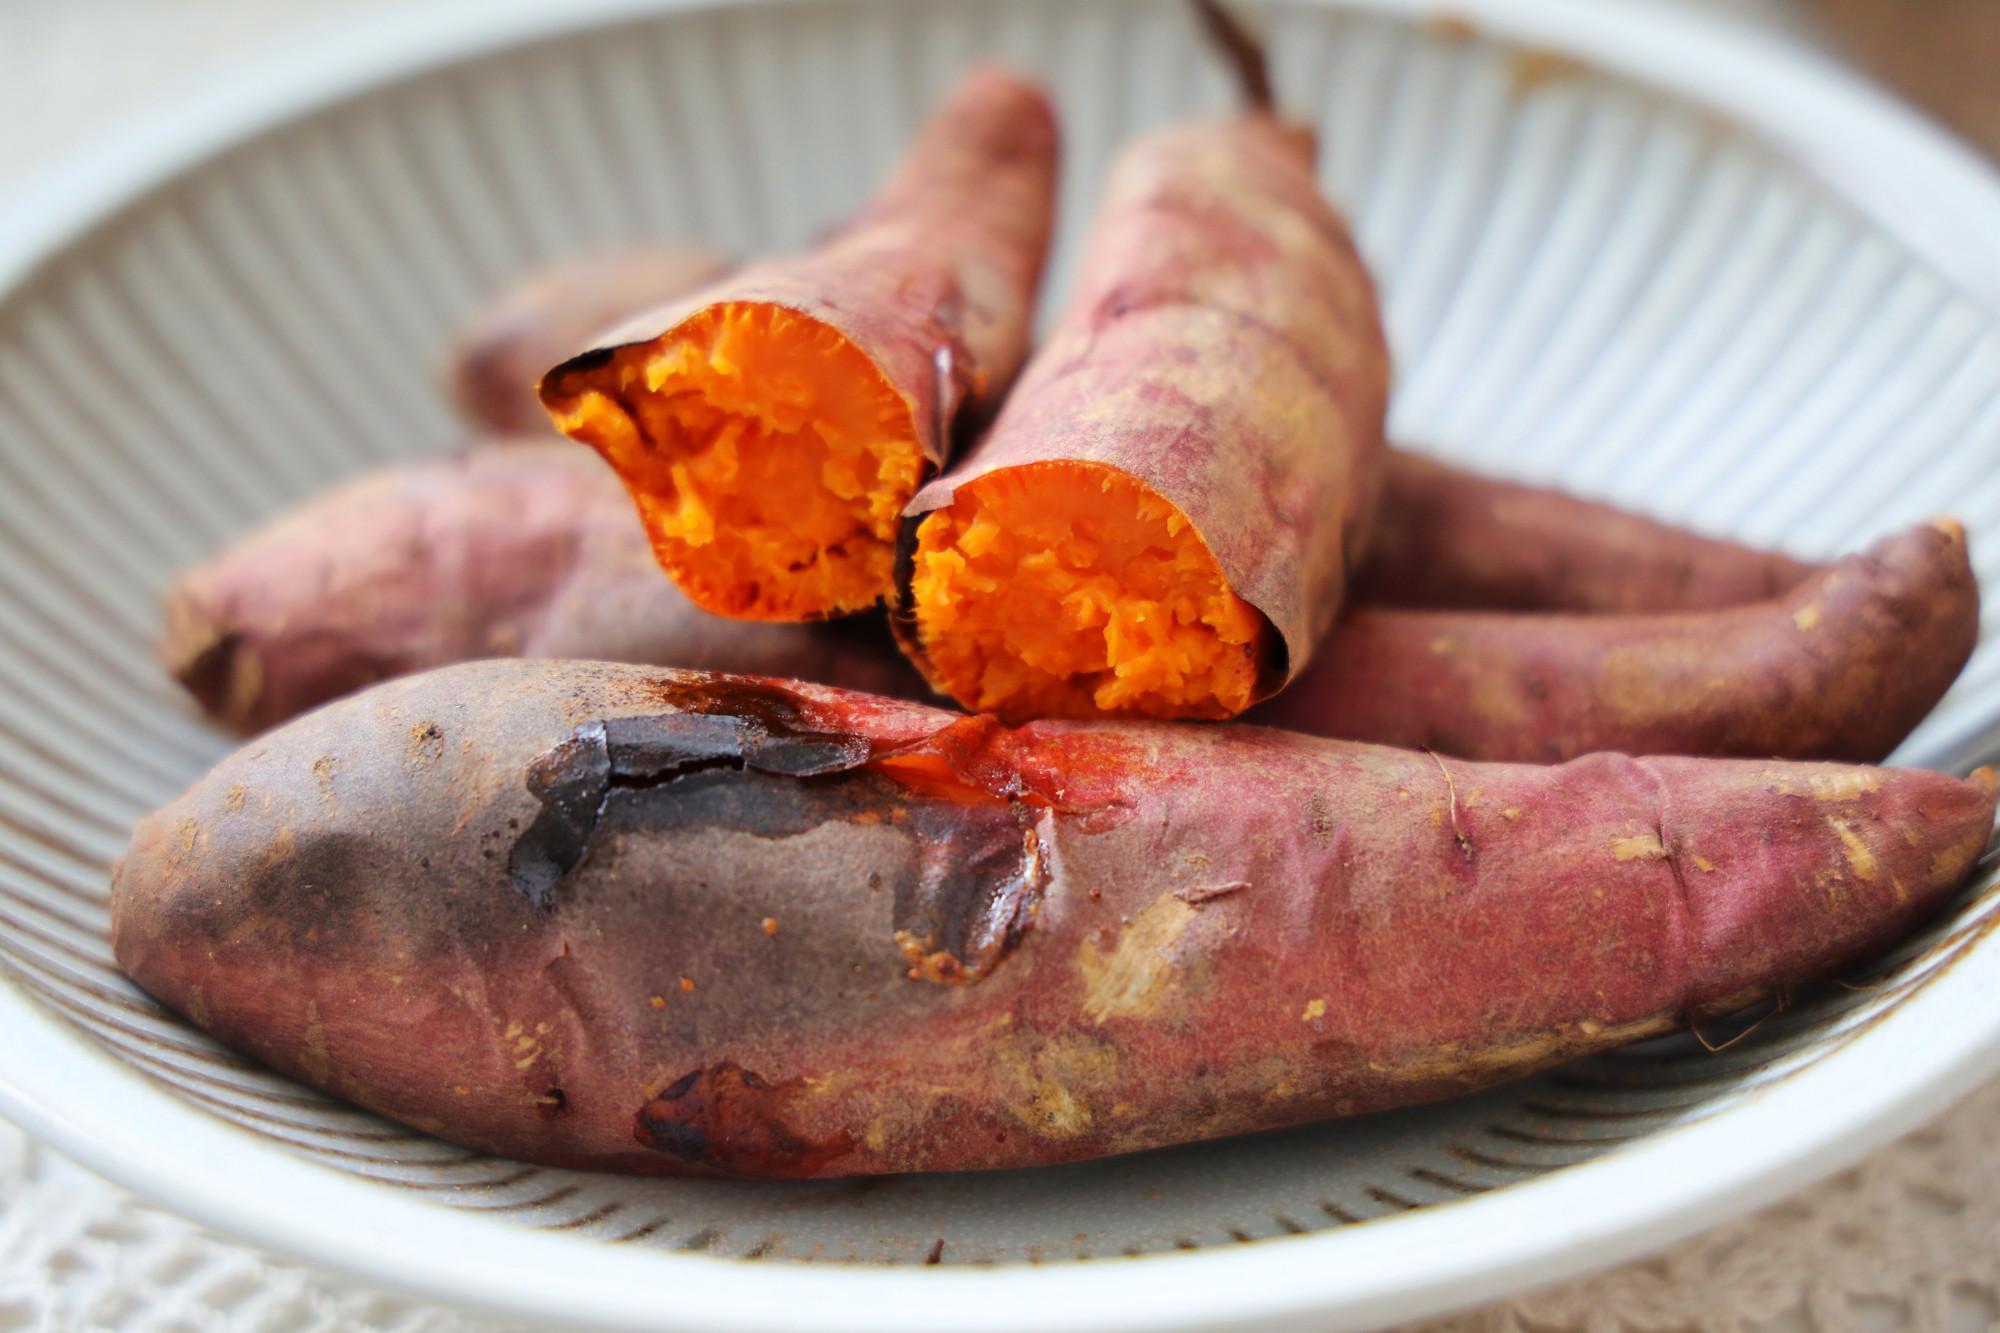 冬天,在家烤上幾根紅薯,比外面賣得還香,不用電飯煲不用烤箱